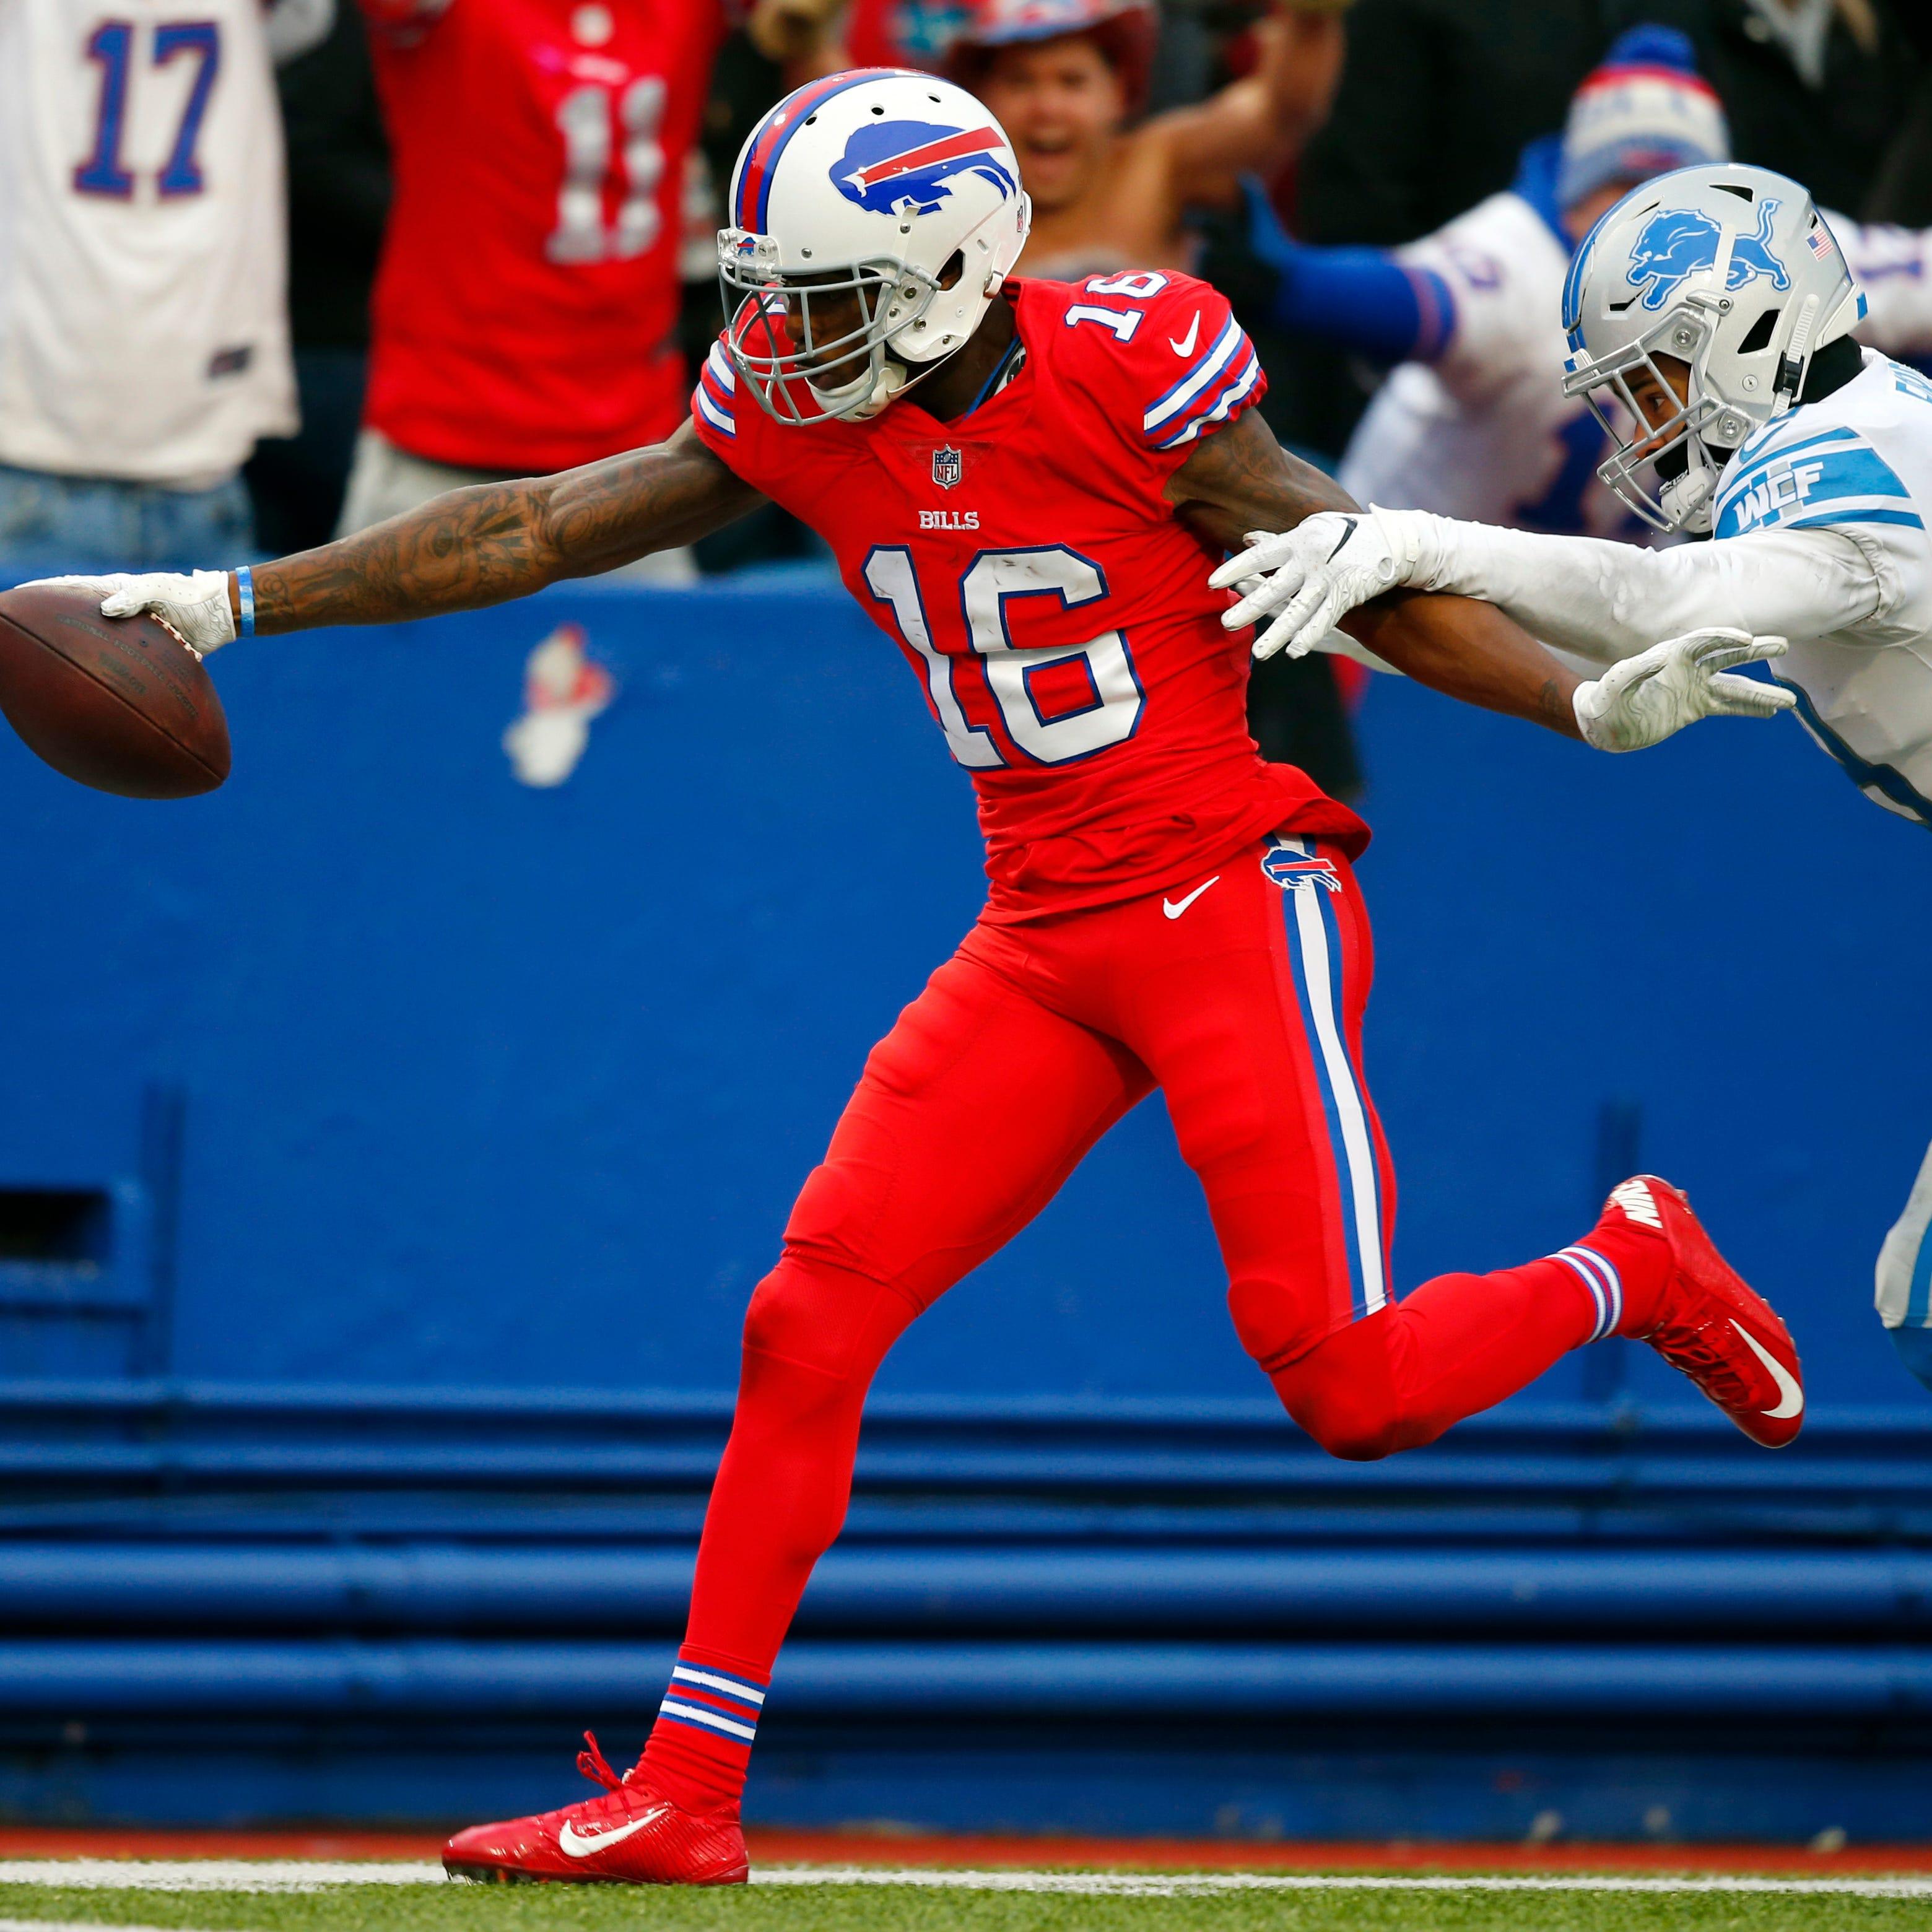 Bills rookie wide receiver Robert Foster (16)...